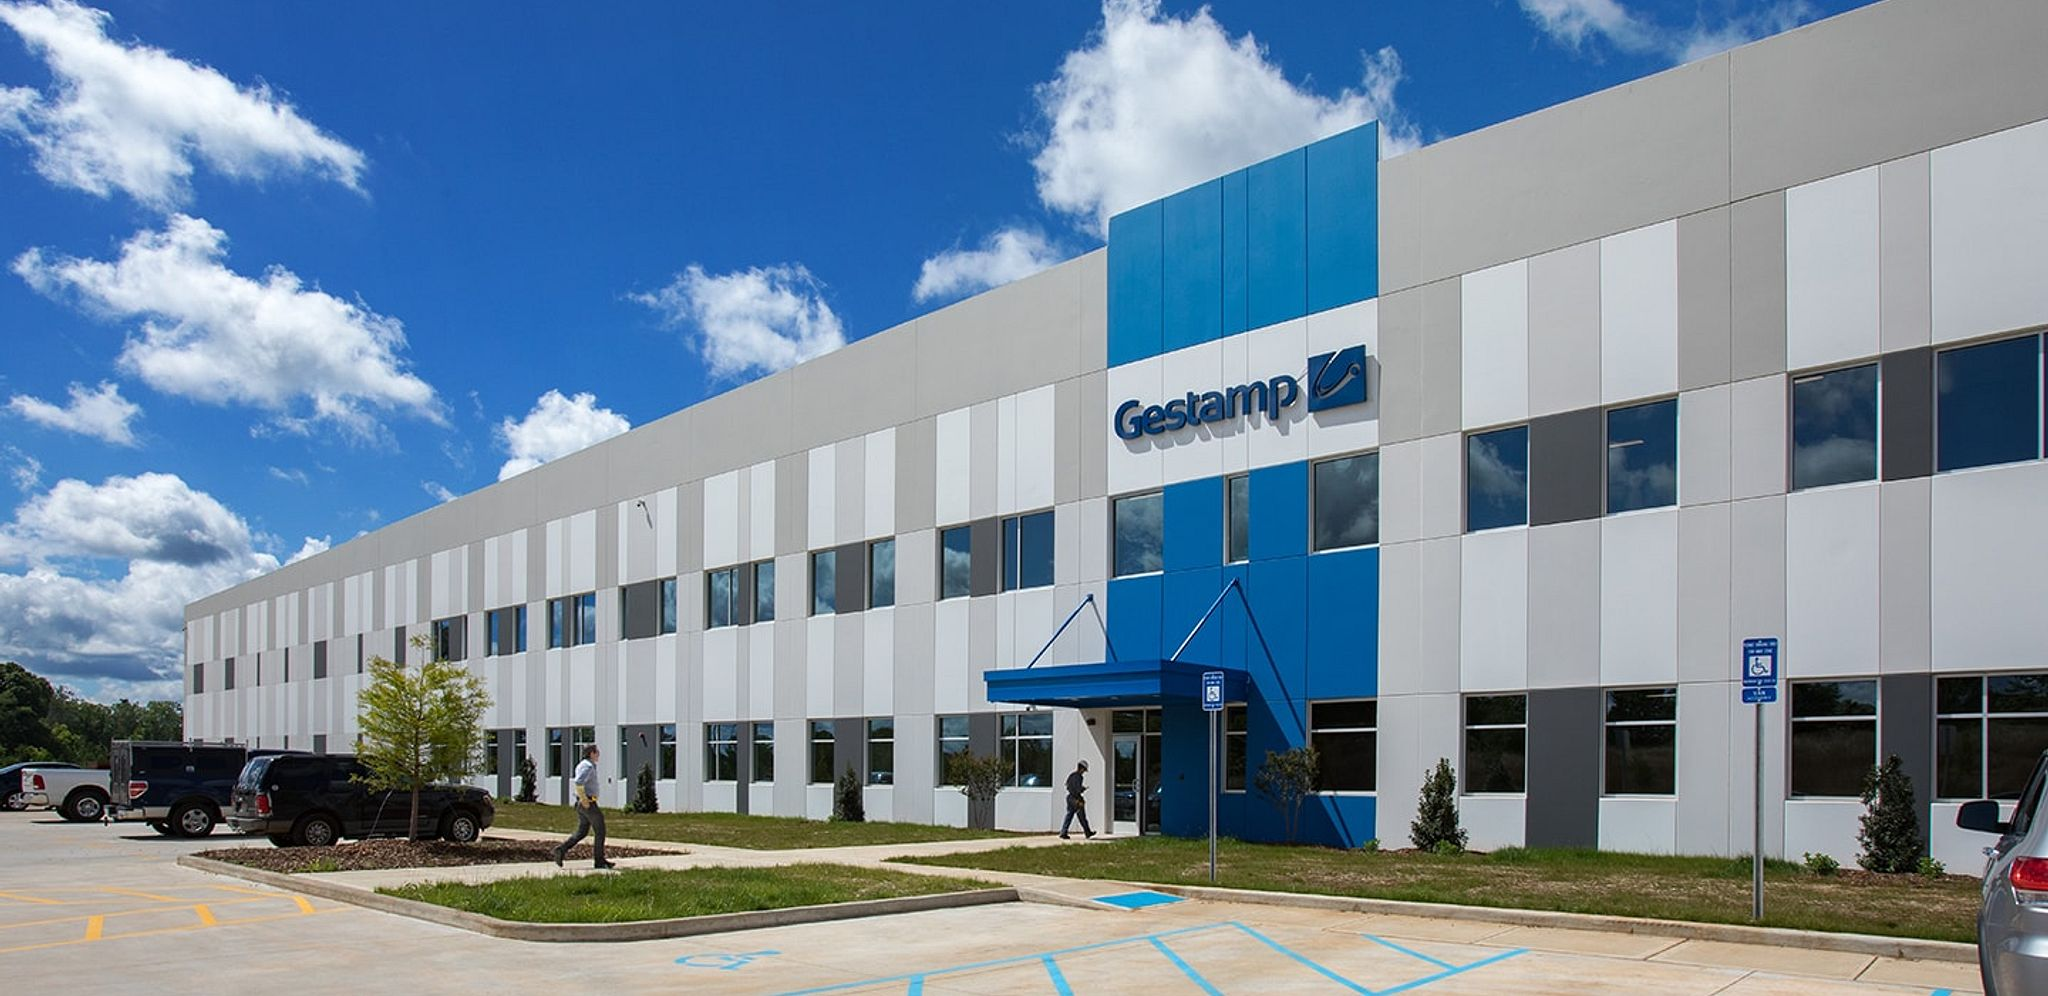 gestamp1